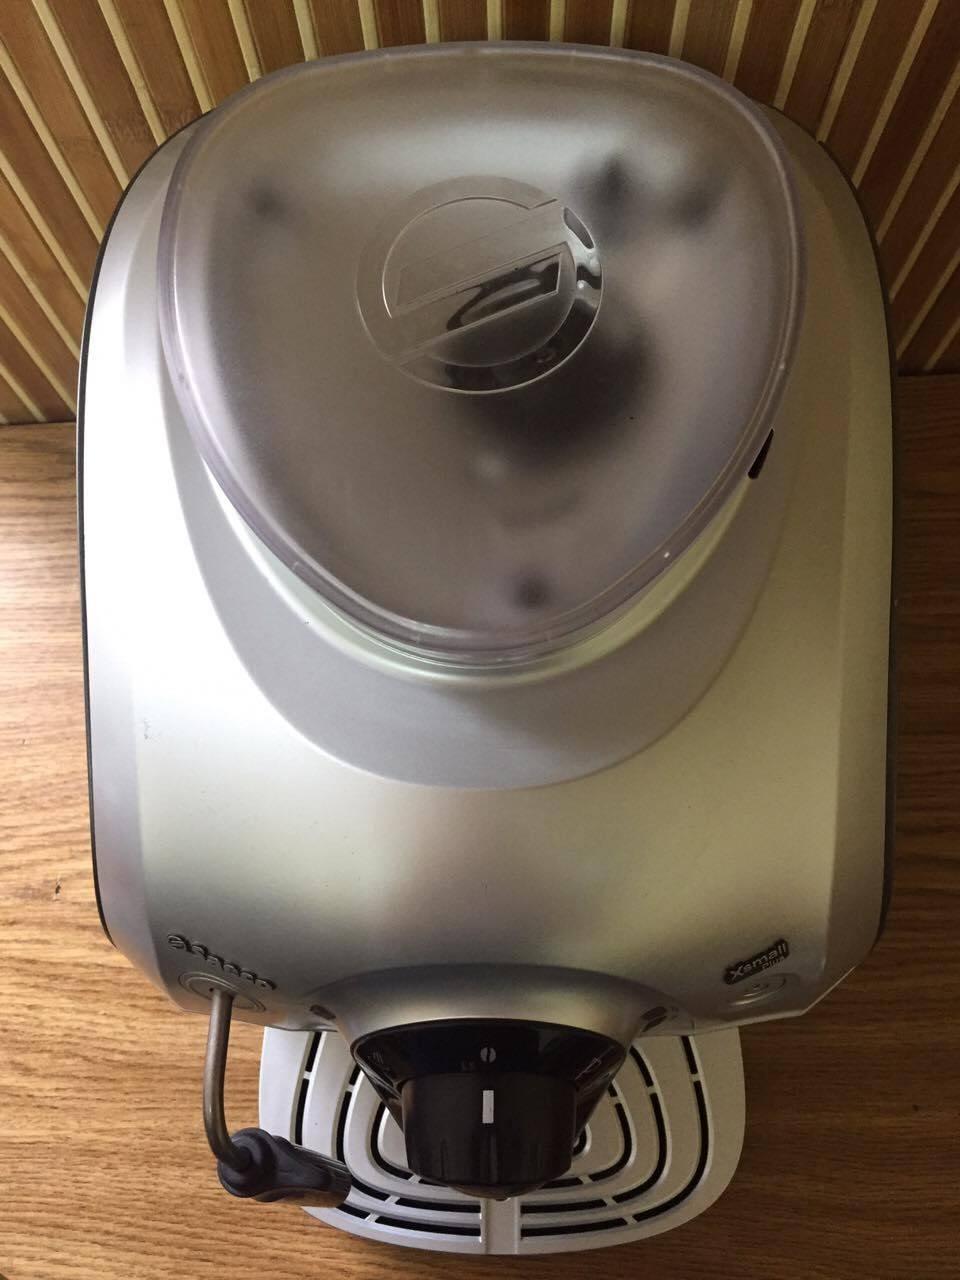 Ця кавоварка є найменшою з усіх, які може представити ця індустрія. Вона поміститься навіть на найкомпактнішій кухні чи невеликій поверхні. Її висота та ширина лише 30 см.